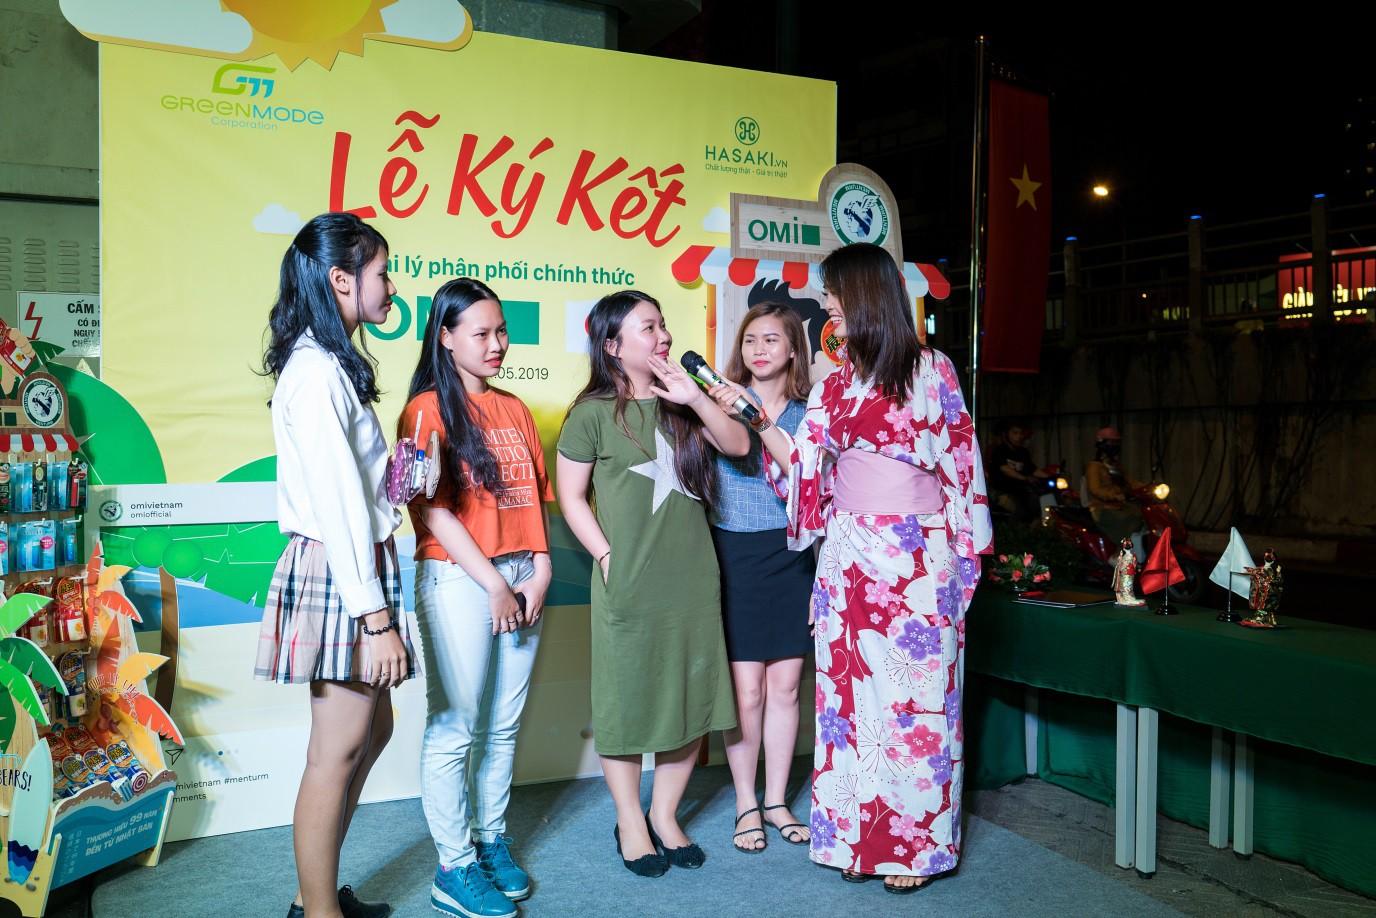 Giới trẻ xôn xao vì thông tin mỹ phẩm Omi chính hãng cực hot tại Nhật đến Việt Nam - Ảnh 4.